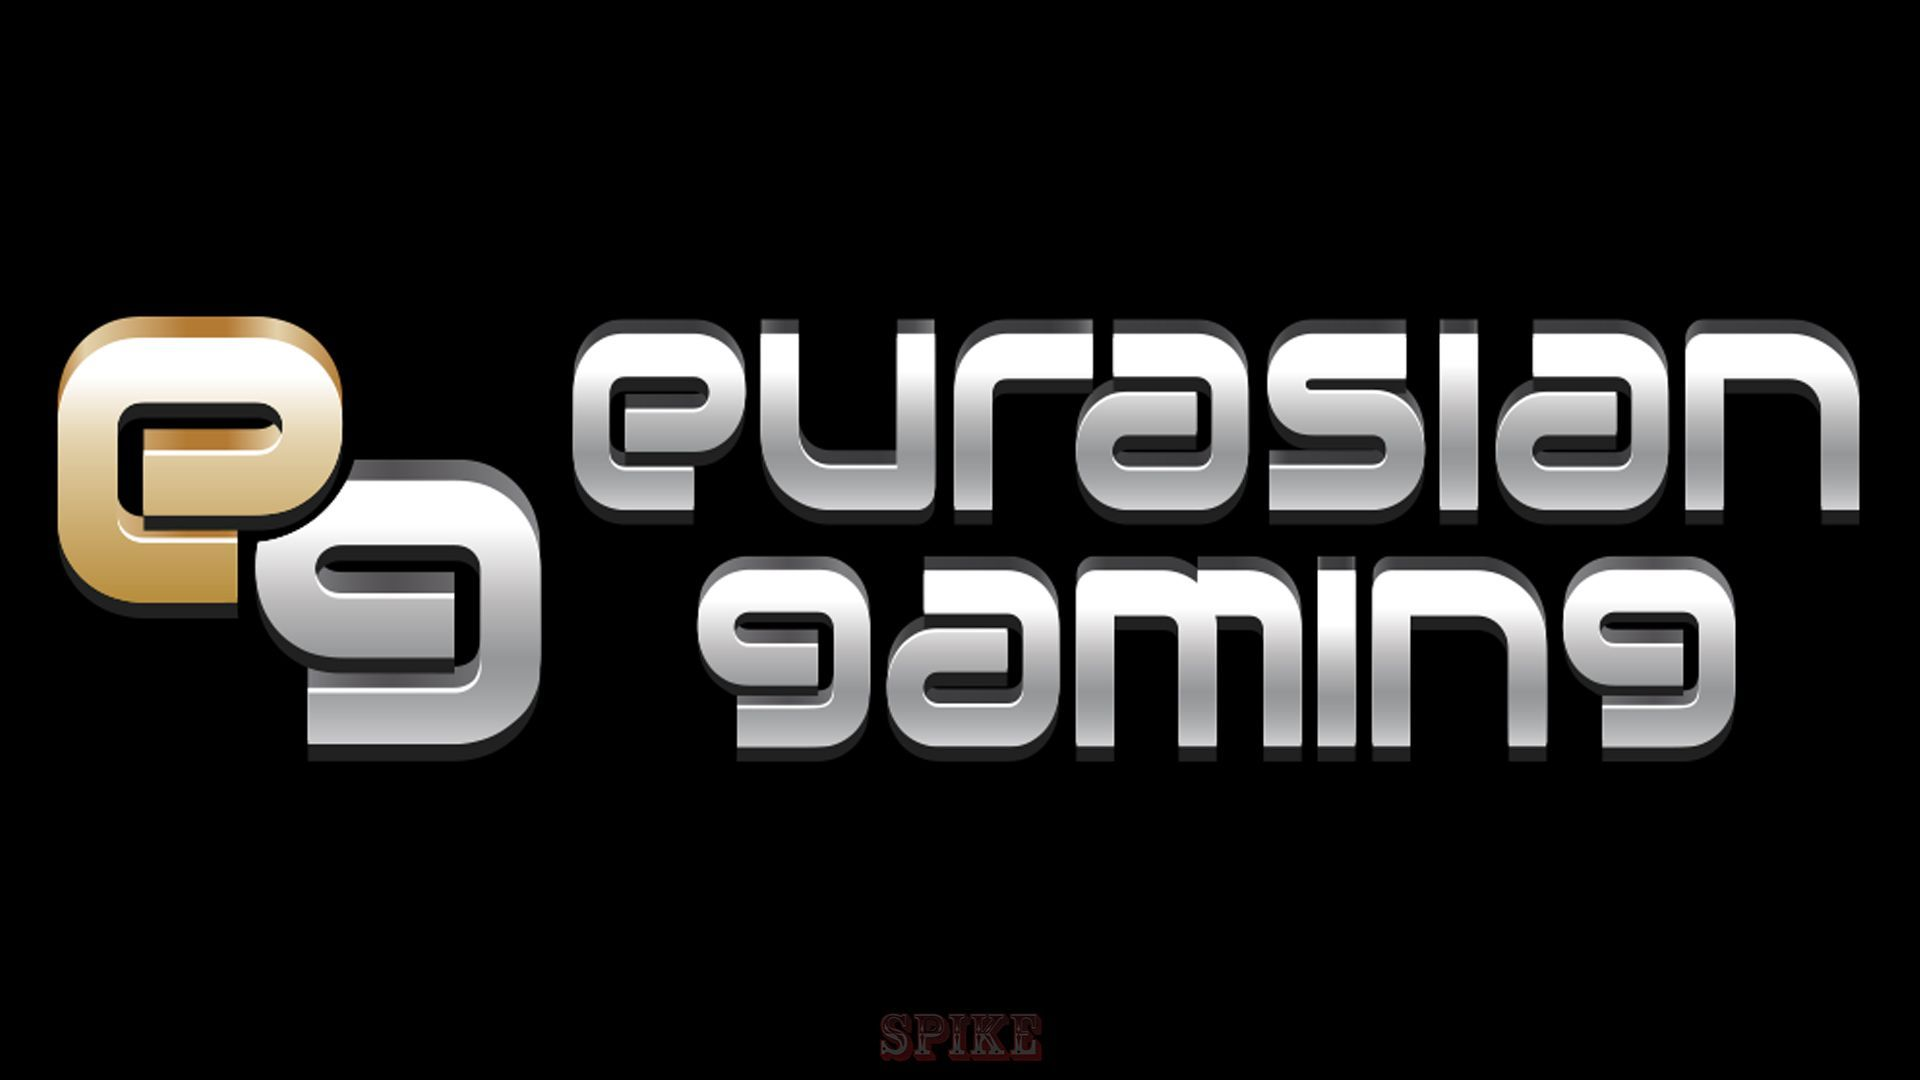 Eurasian Gaming Software Provider Free Slots